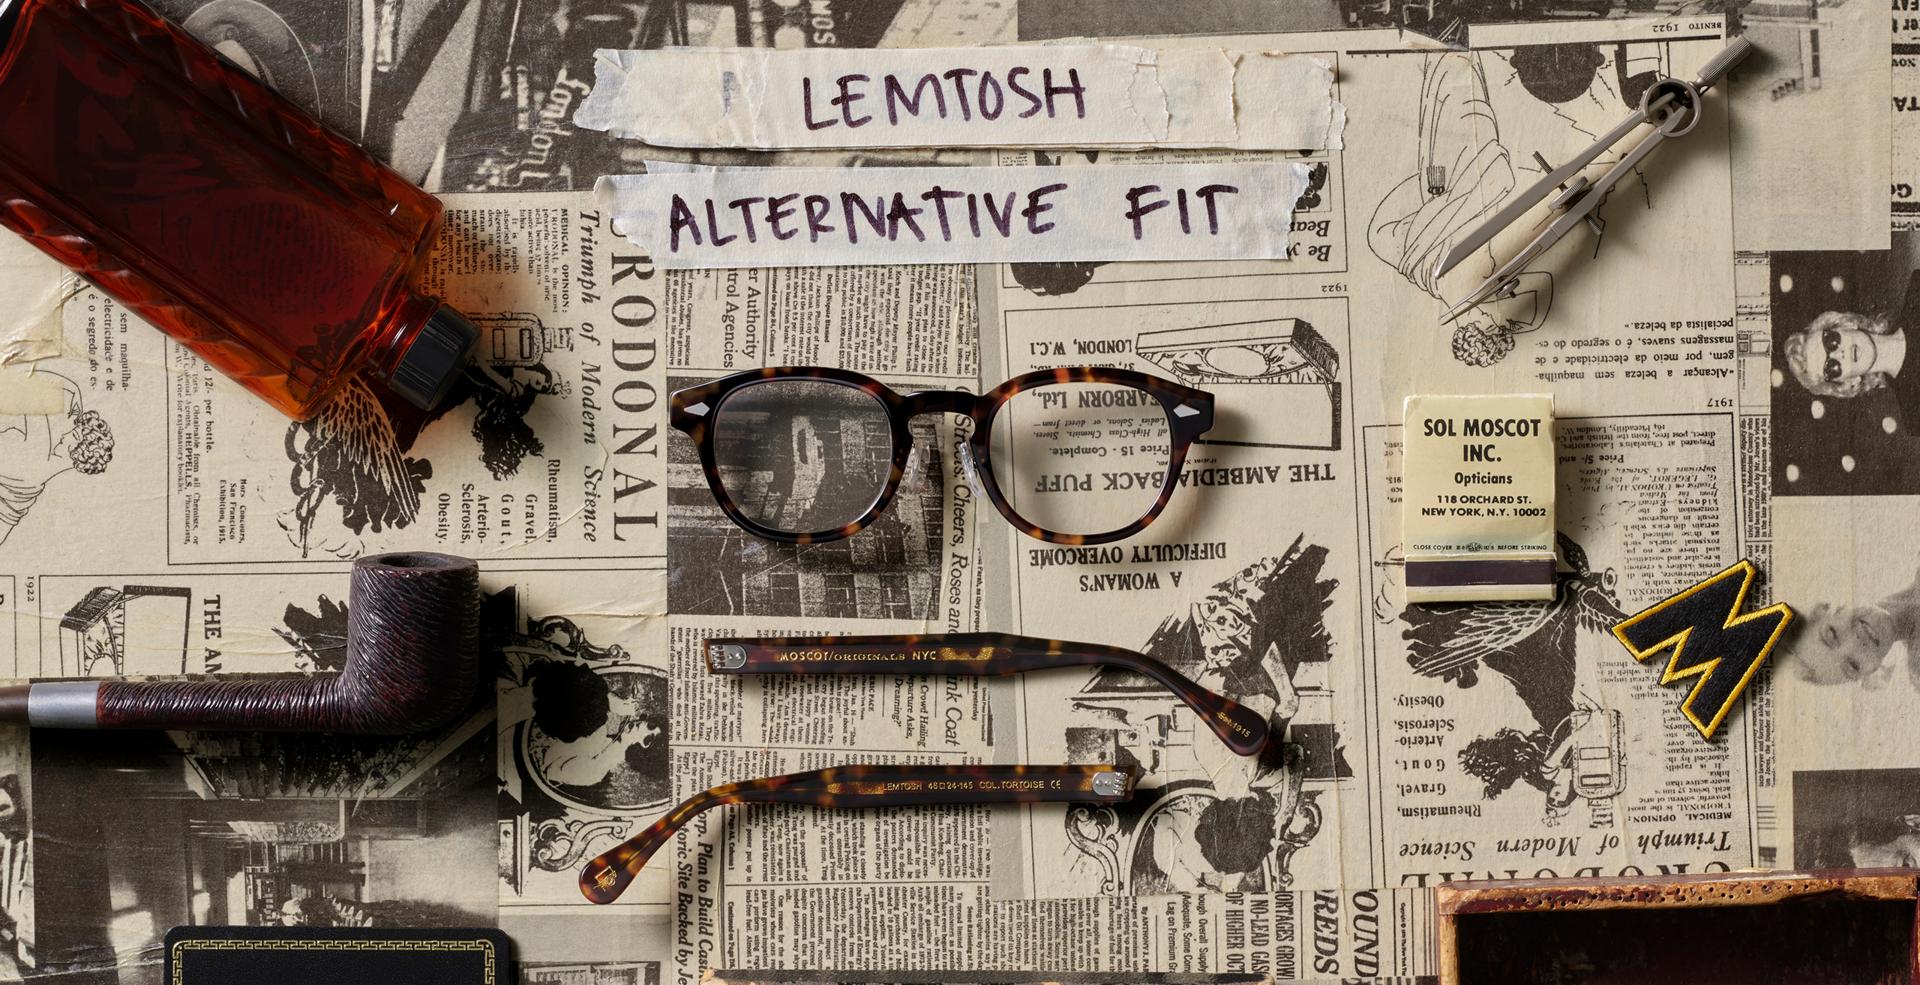 LEMTOSH Alternative Fit